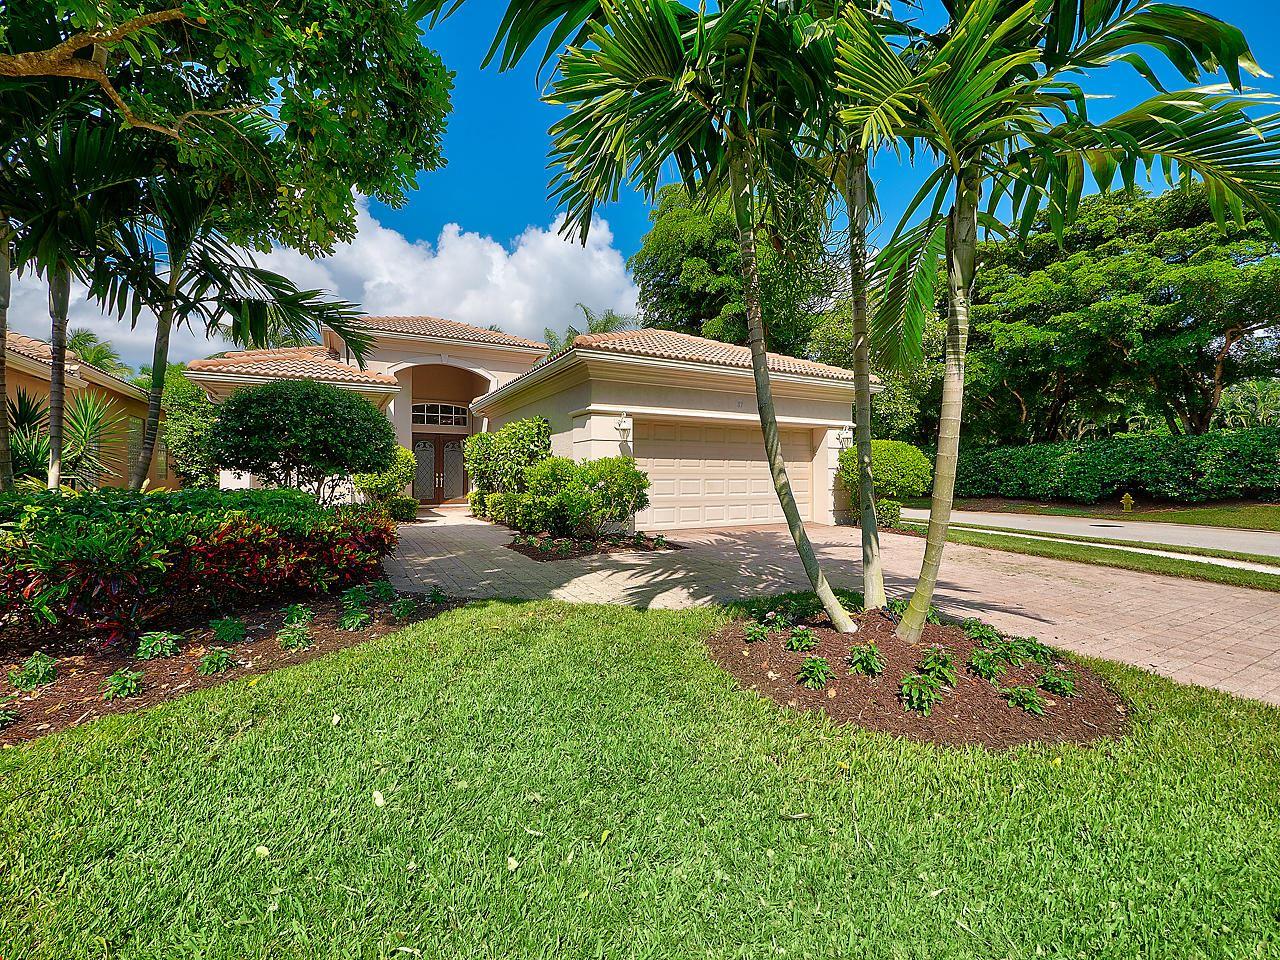 Photo of 87 Laguna Drive, Palm Beach Gardens, FL 33418 (MLS # RX-10656498)